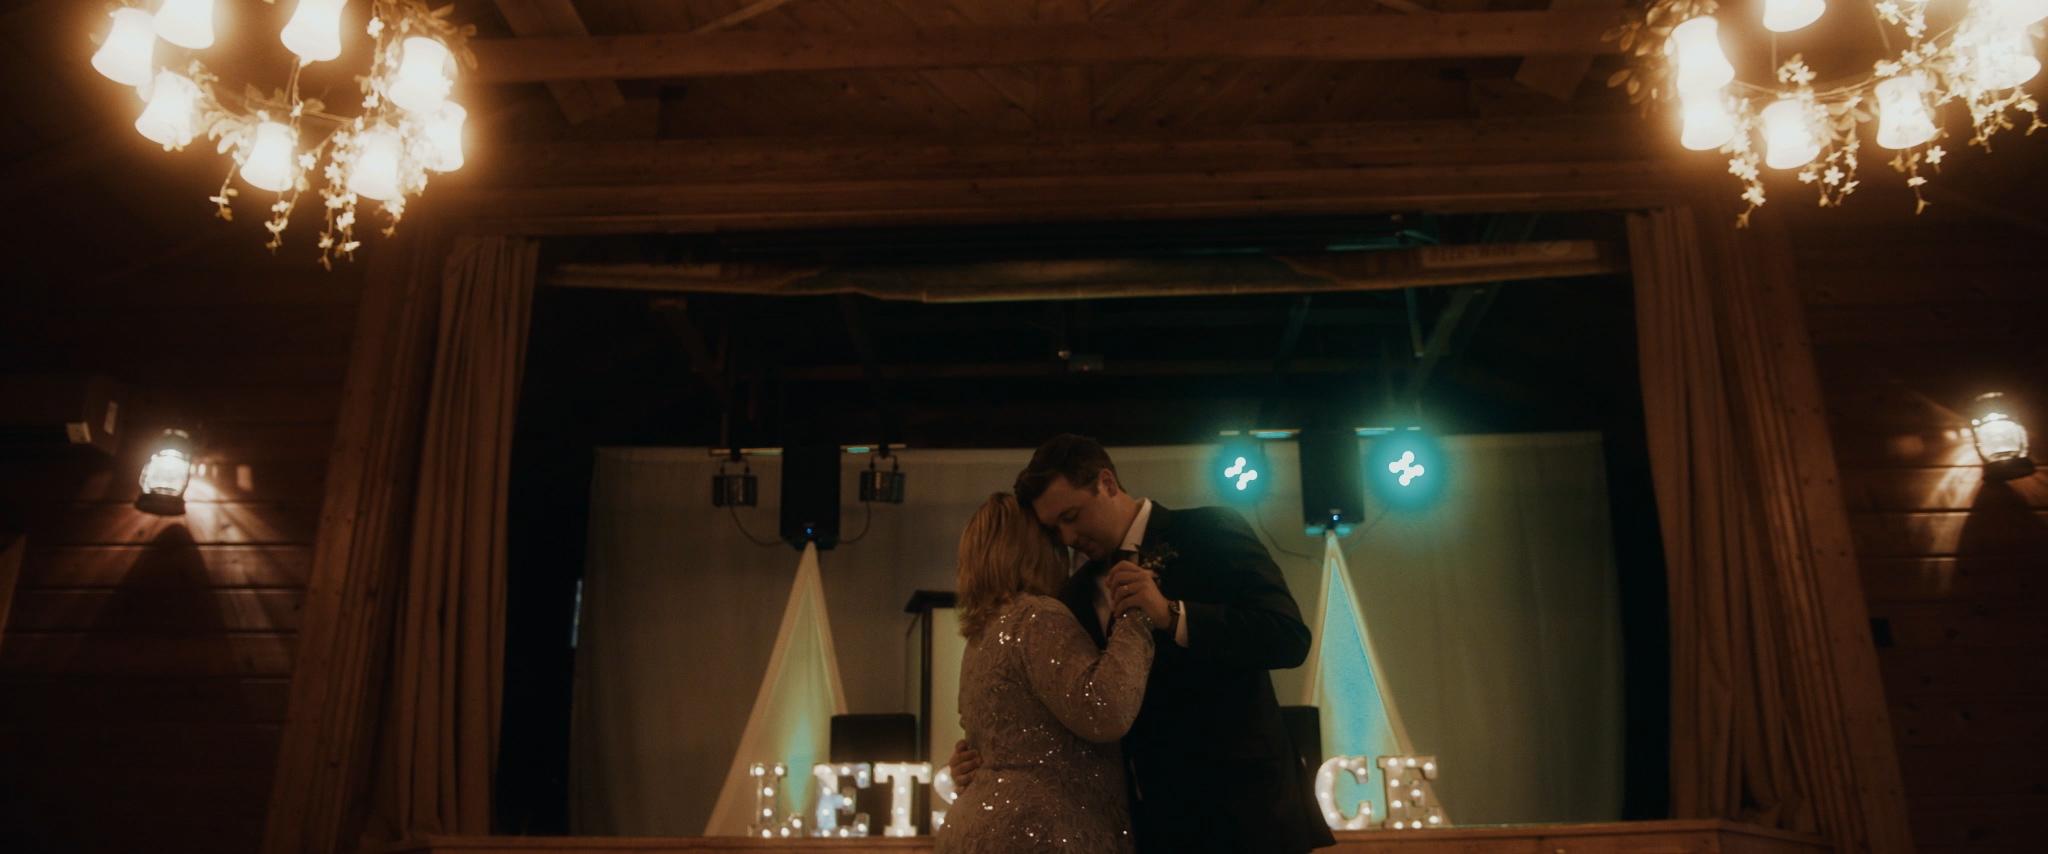 HAVENS_Wedding_Film.00_06_48_09.Still077.jpg